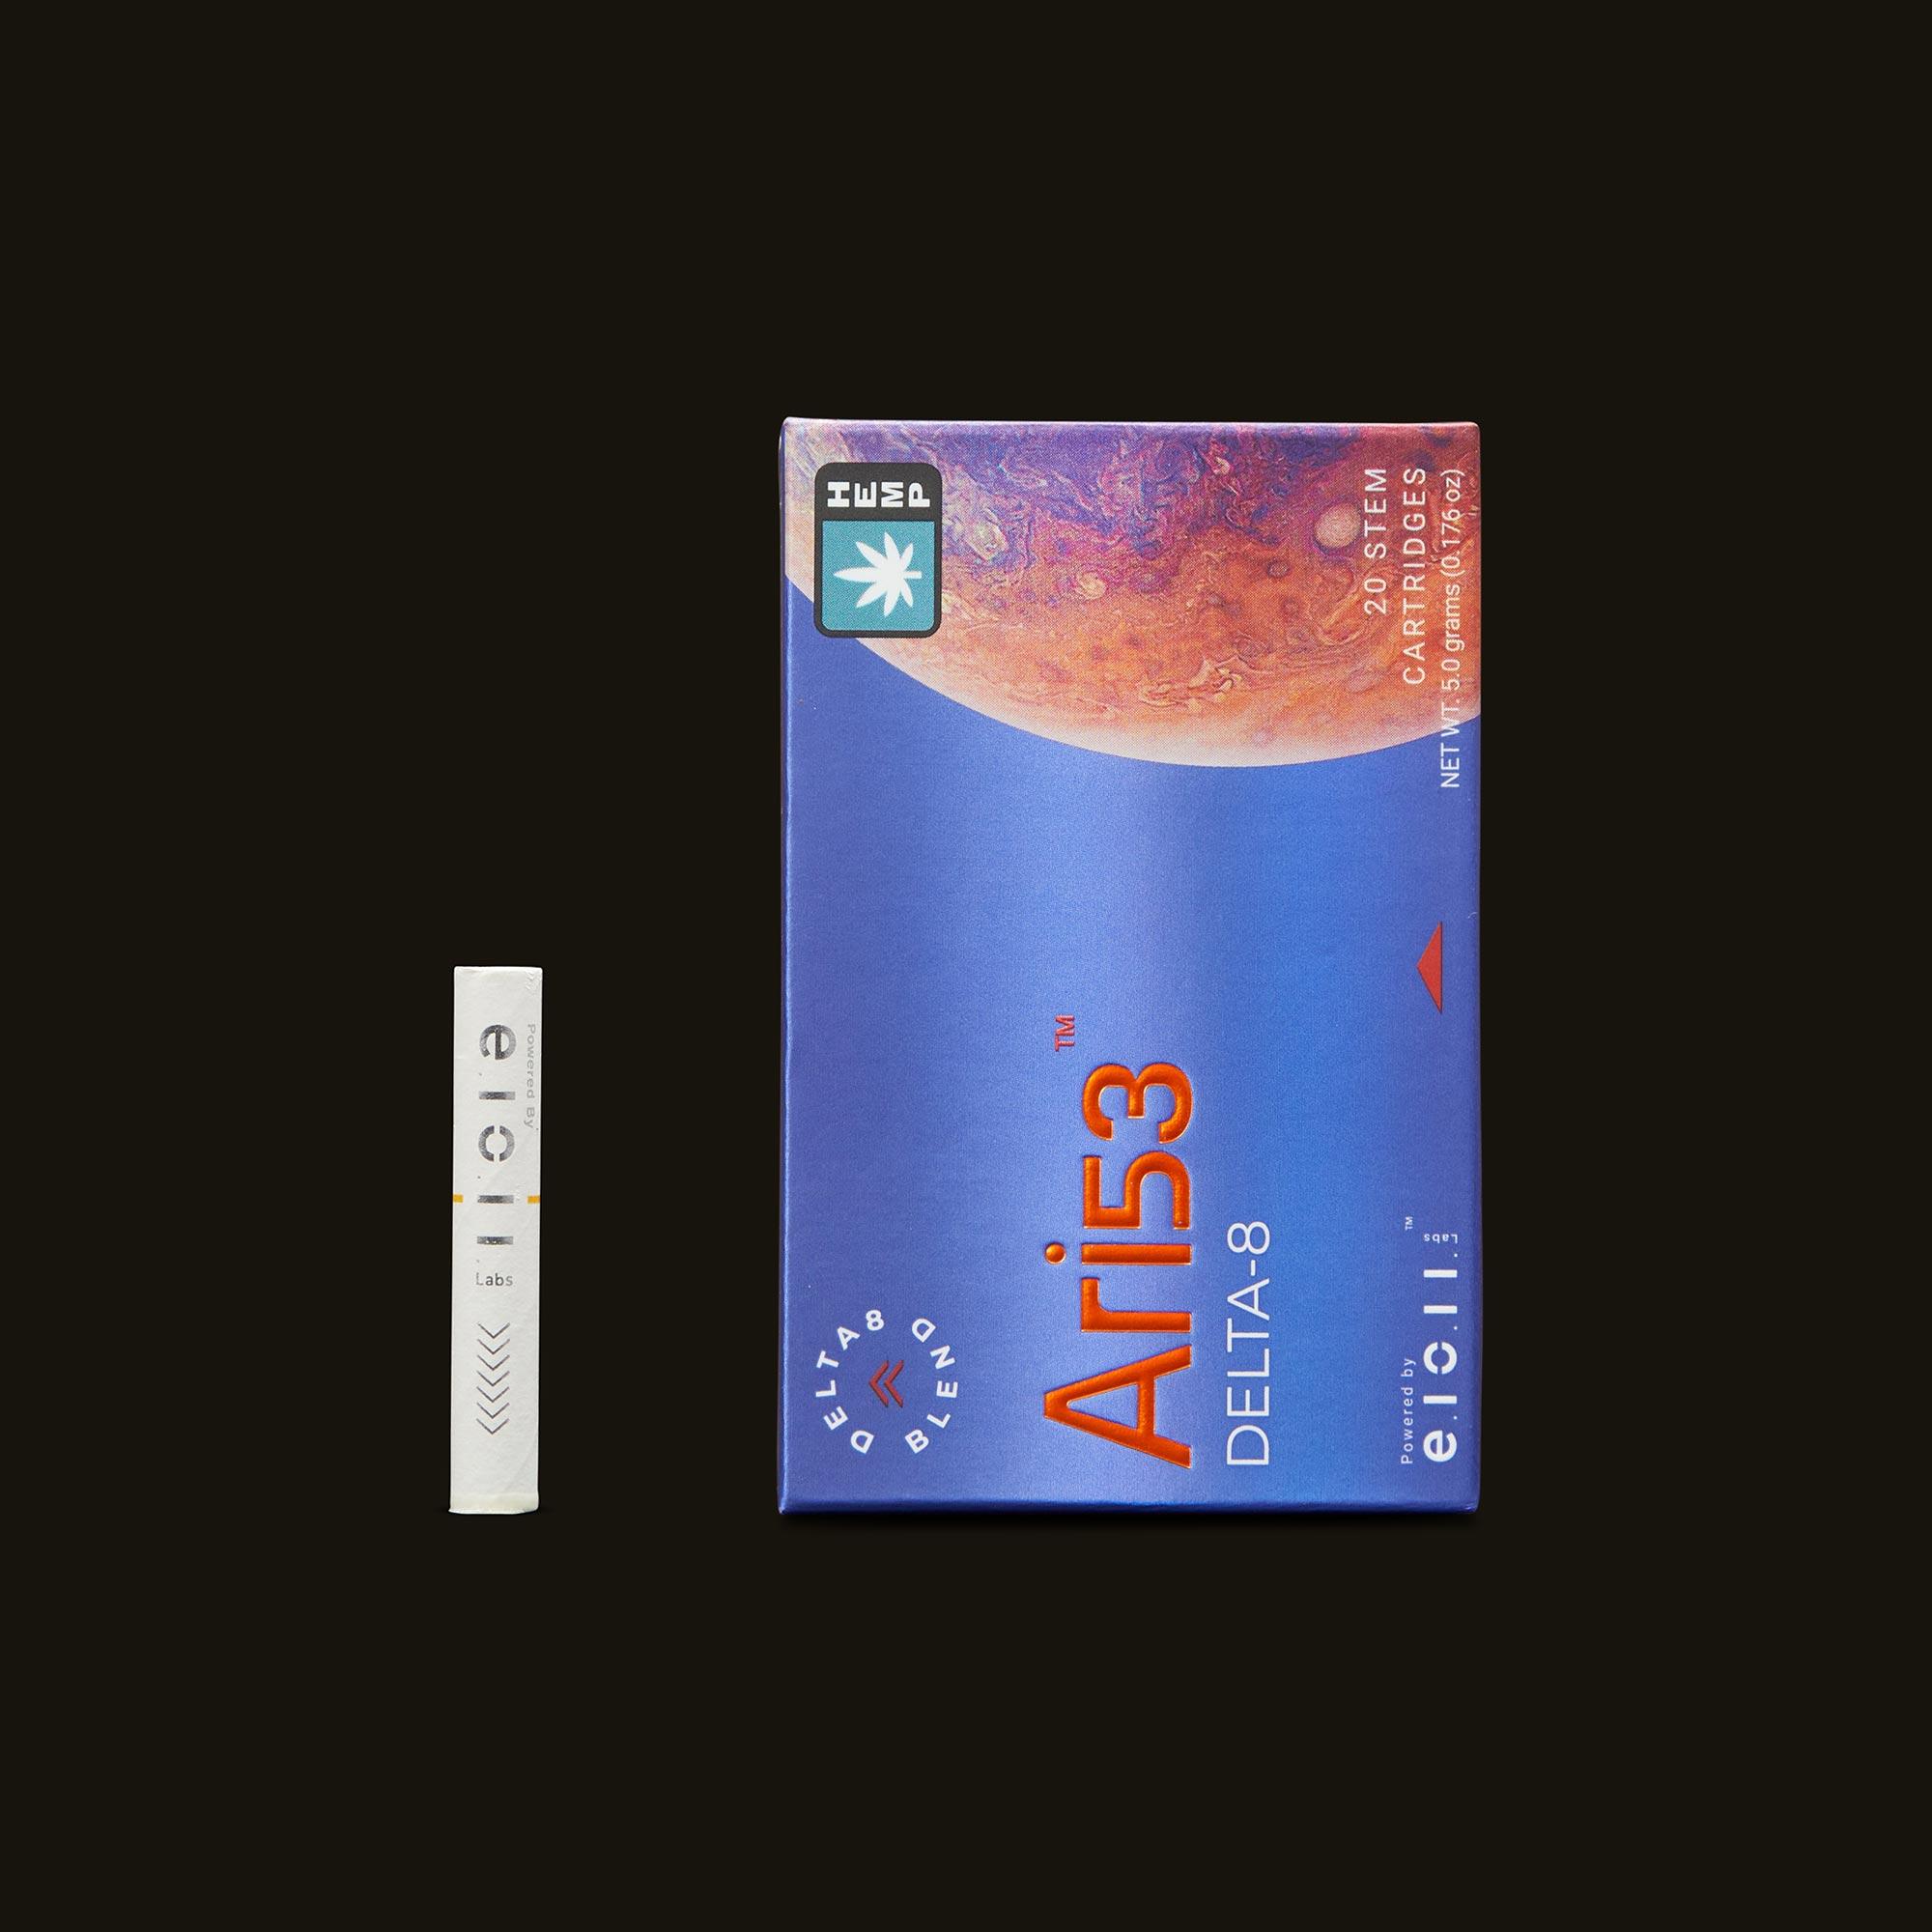 ARI53 Pod by E1011 Labs